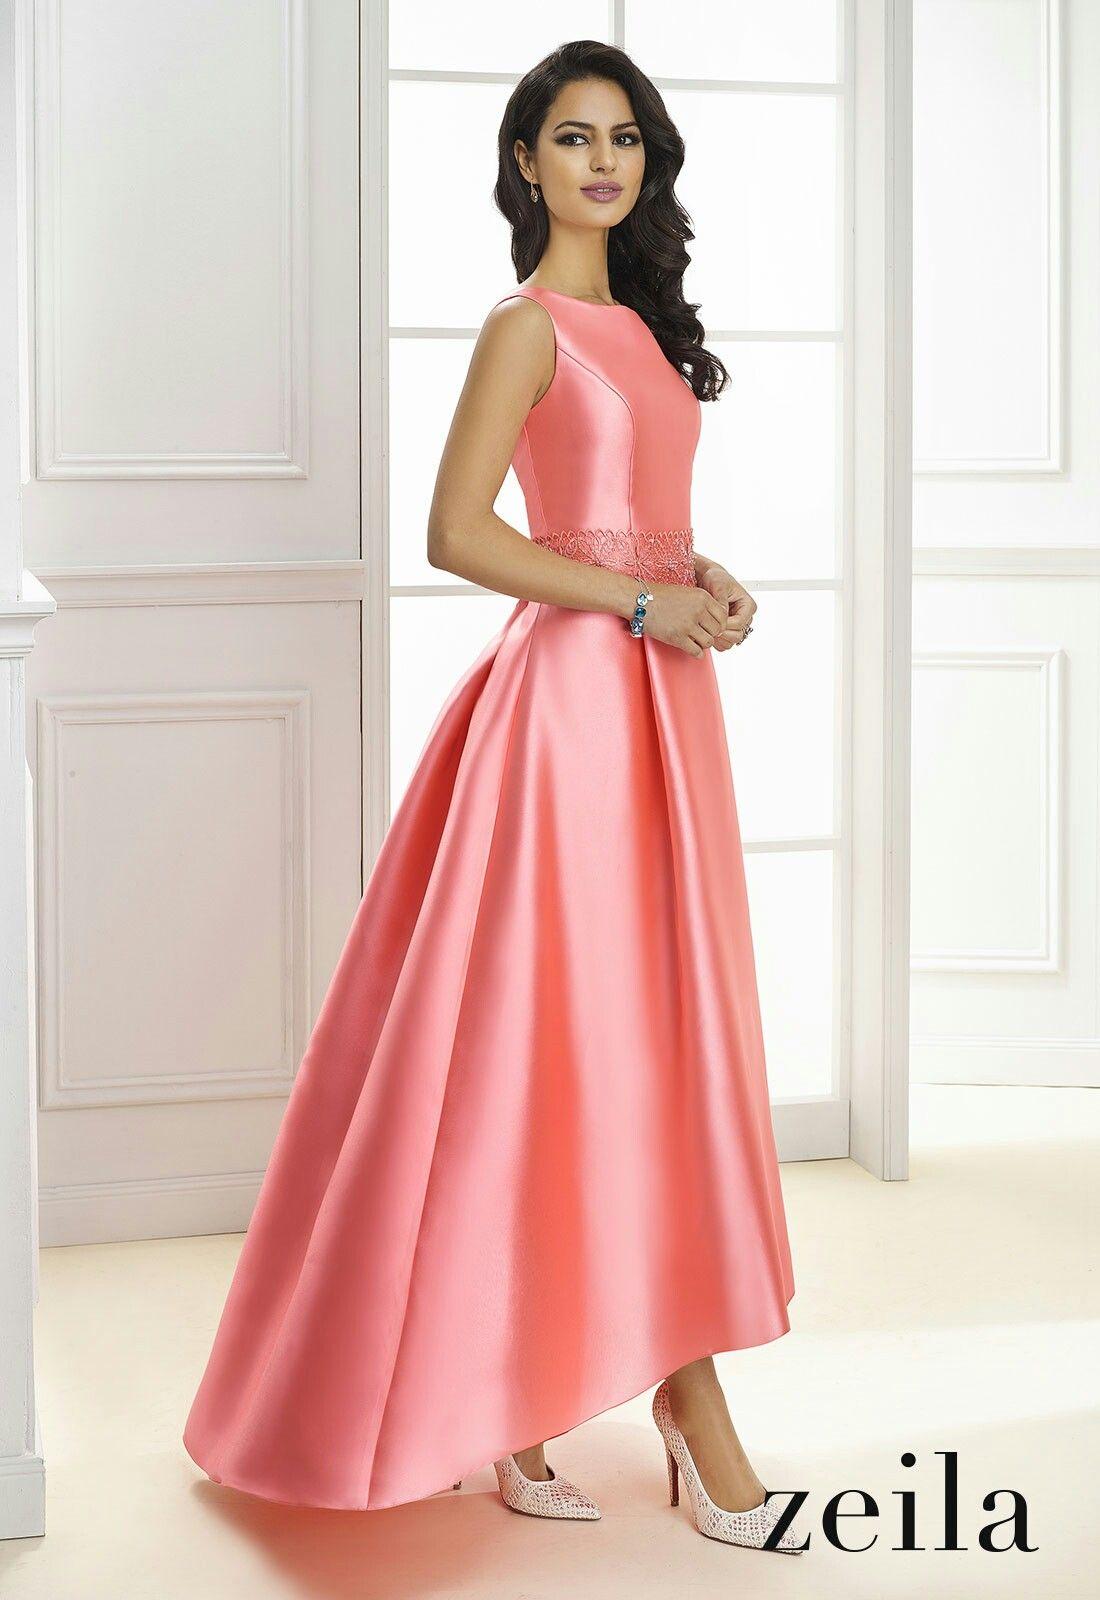 Pin de Swathi Samantha en Gowns | Pinterest | Vestiditos, Vestidos ...